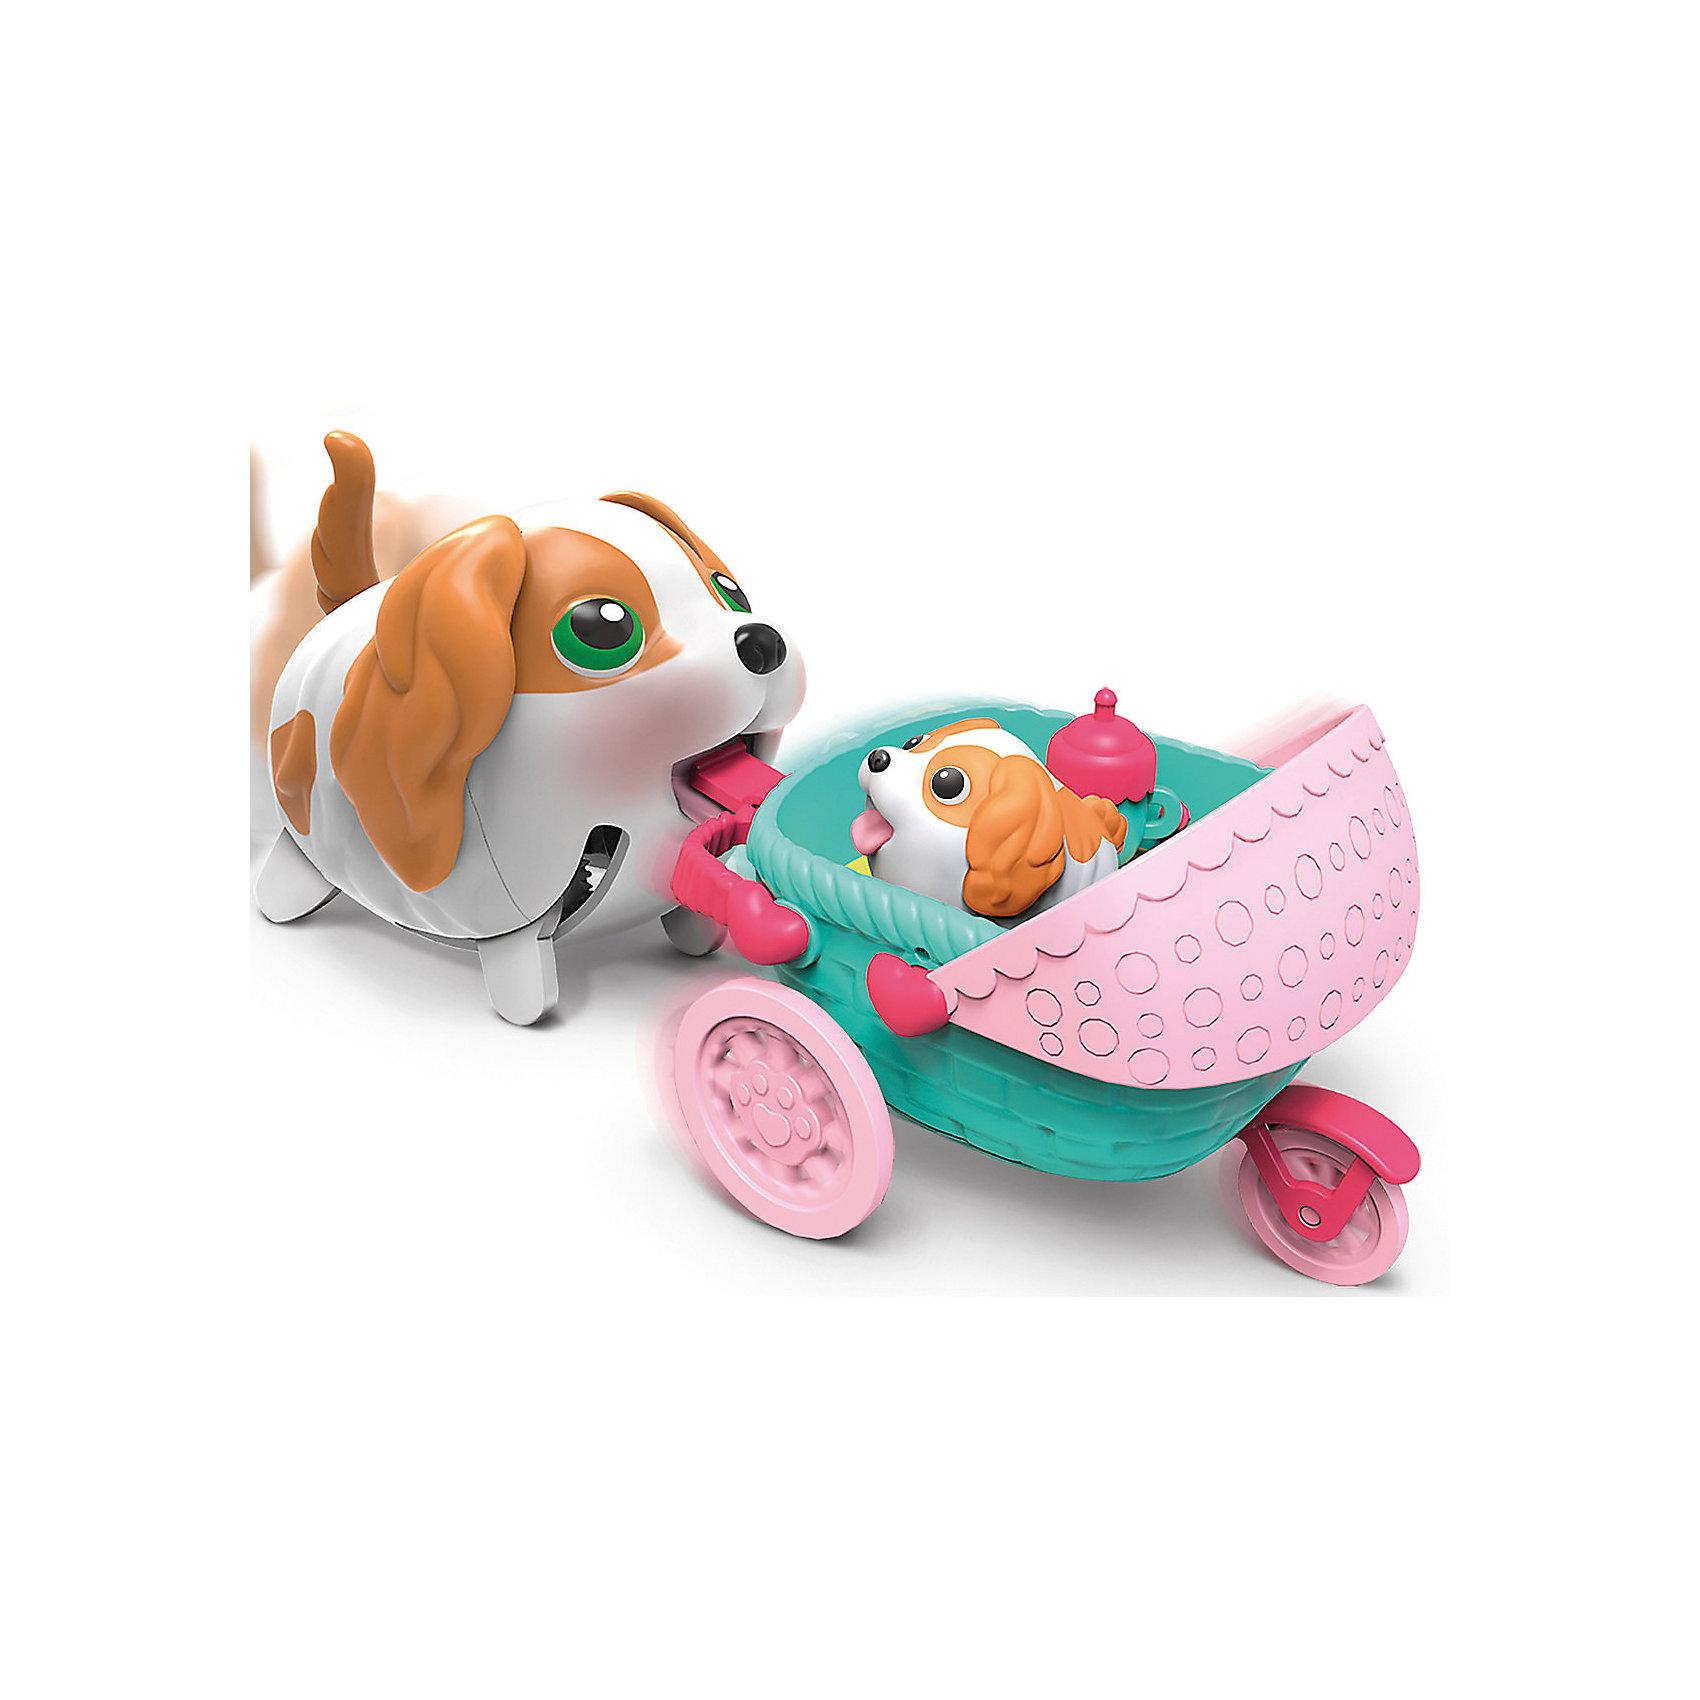 Транспорт  Спаниель, Chubby PuppiesВеселый щенок со своим транспортом. В ассортименте коляска и лоток мороженого. Собака ходит и везет перед собой свой транспорт. Несколько аксессуаров в каждом наборе.<br><br>Ширина мм: 110<br>Глубина мм: 150<br>Высота мм: 250<br>Вес г: 350<br>Возраст от месяцев: 36<br>Возраст до месяцев: 2147483647<br>Пол: Женский<br>Возраст: Детский<br>SKU: 5094044